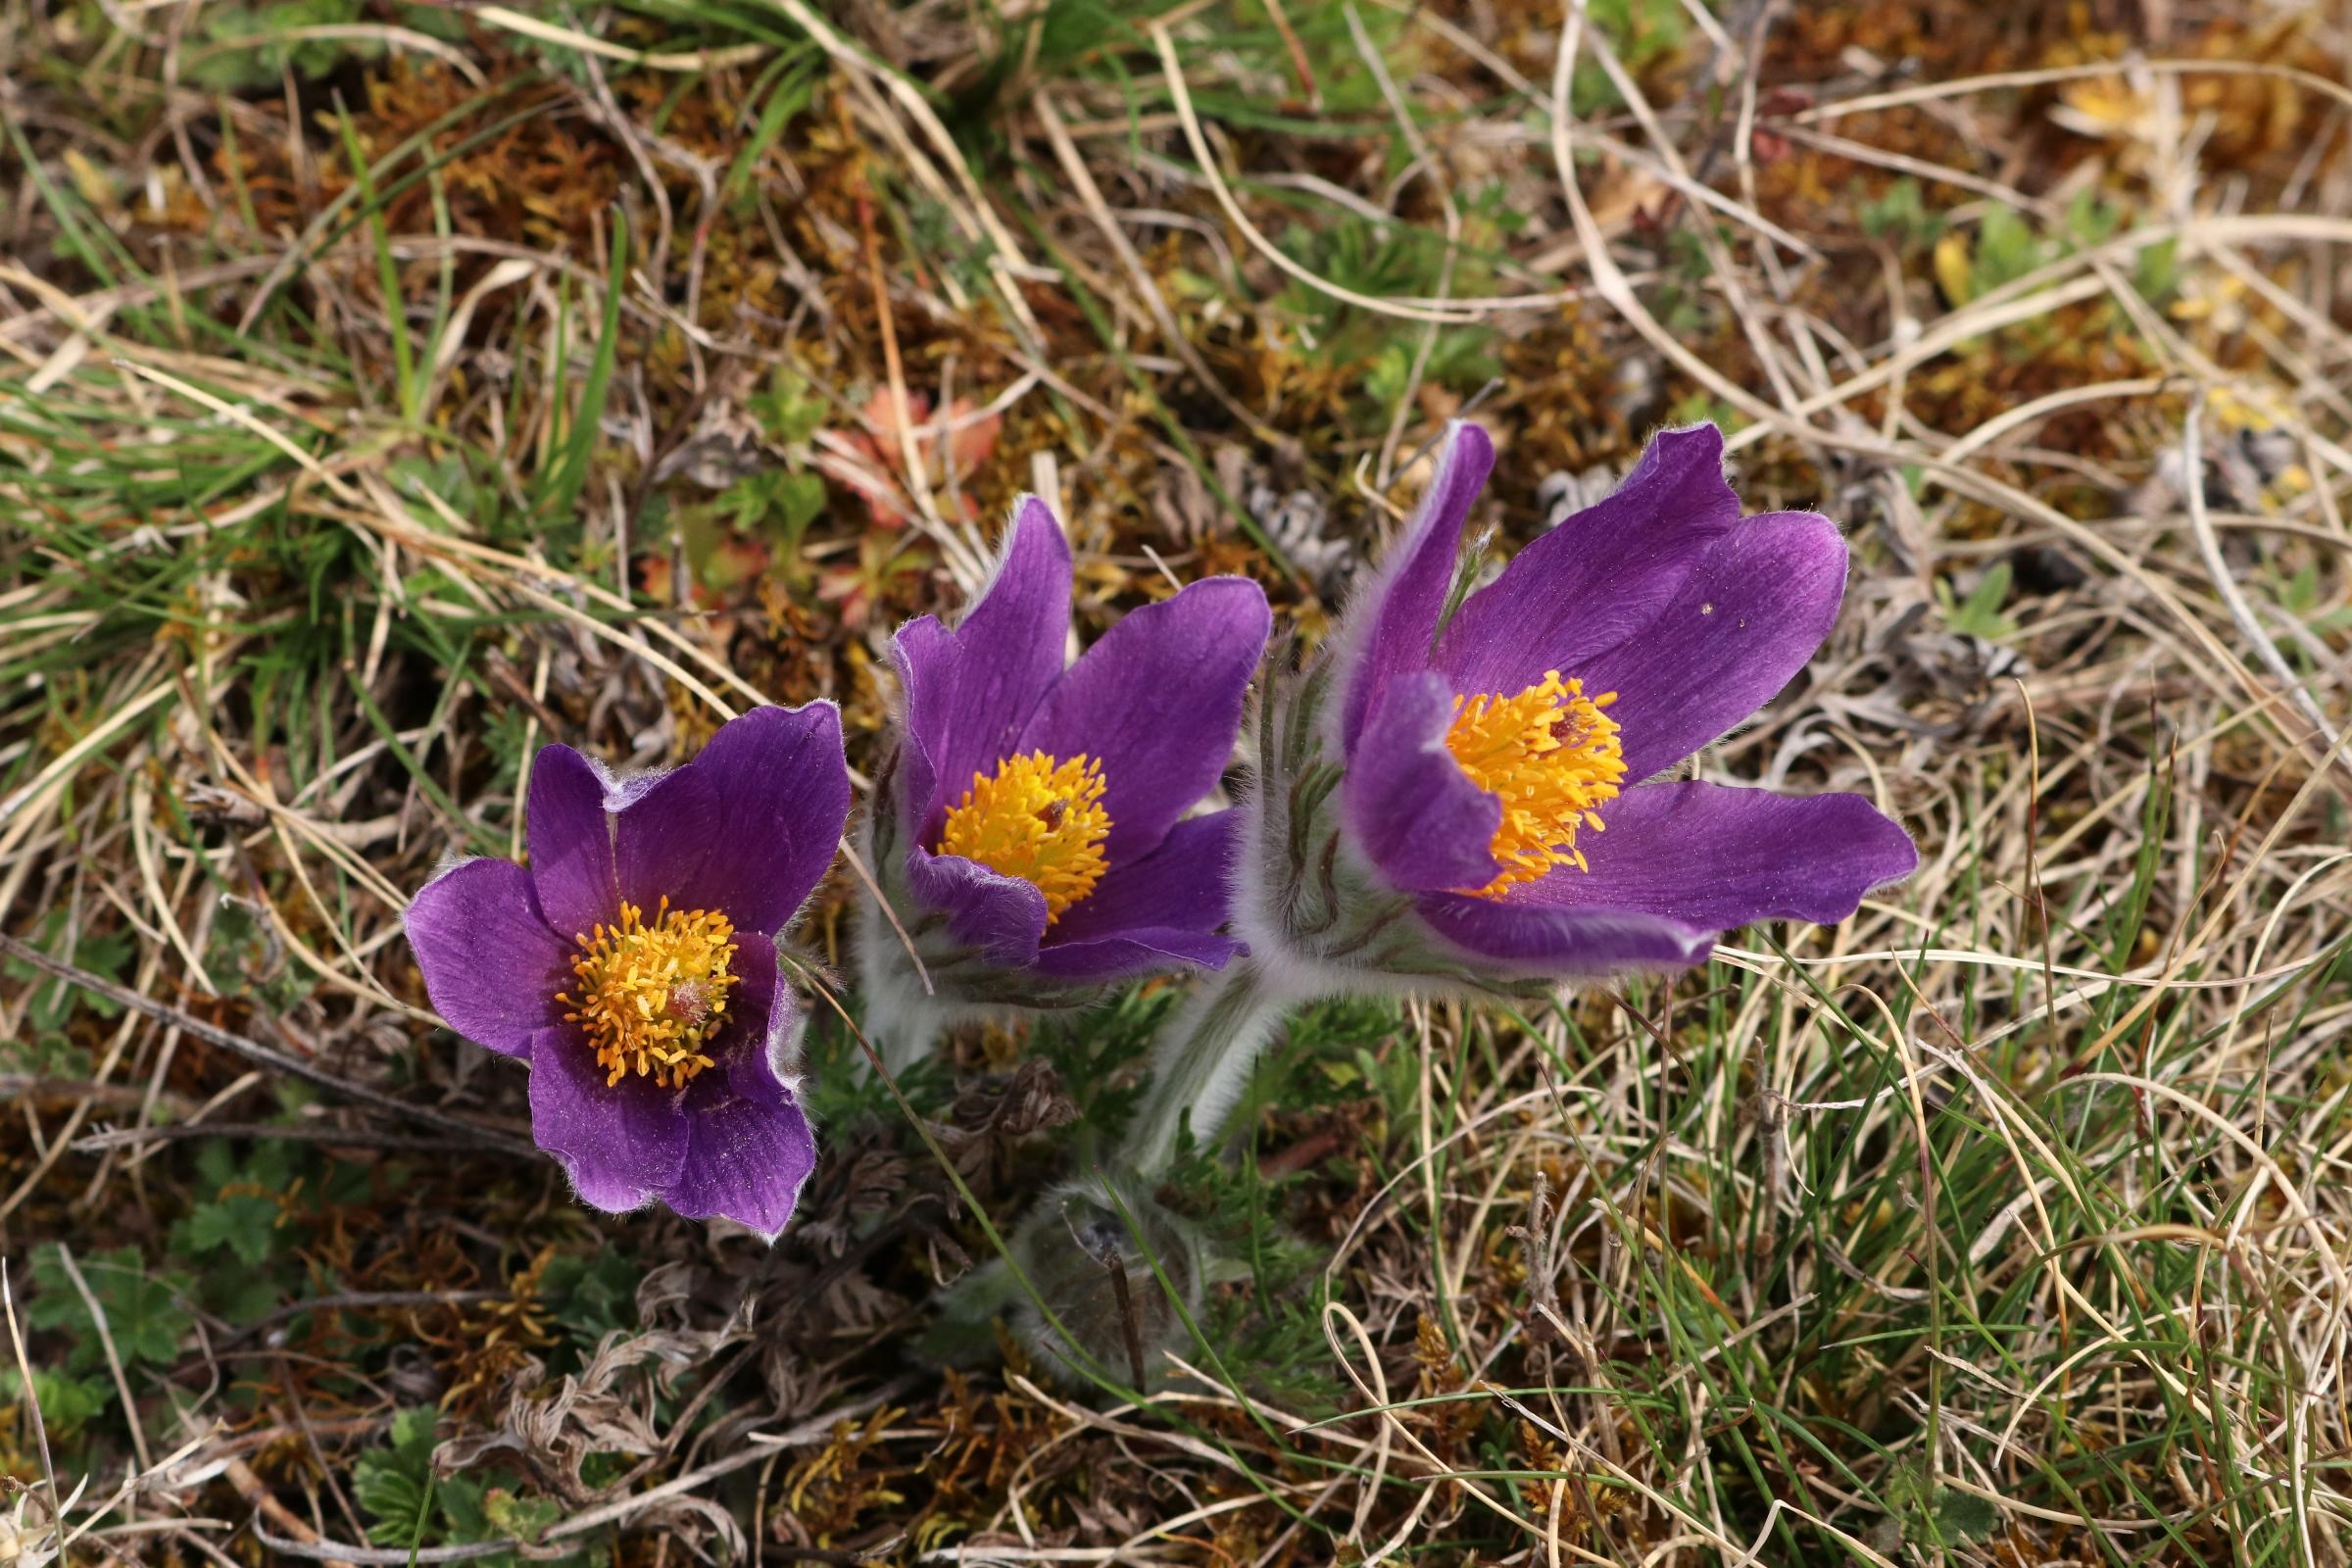 Kuhschelle - Blütengruppe